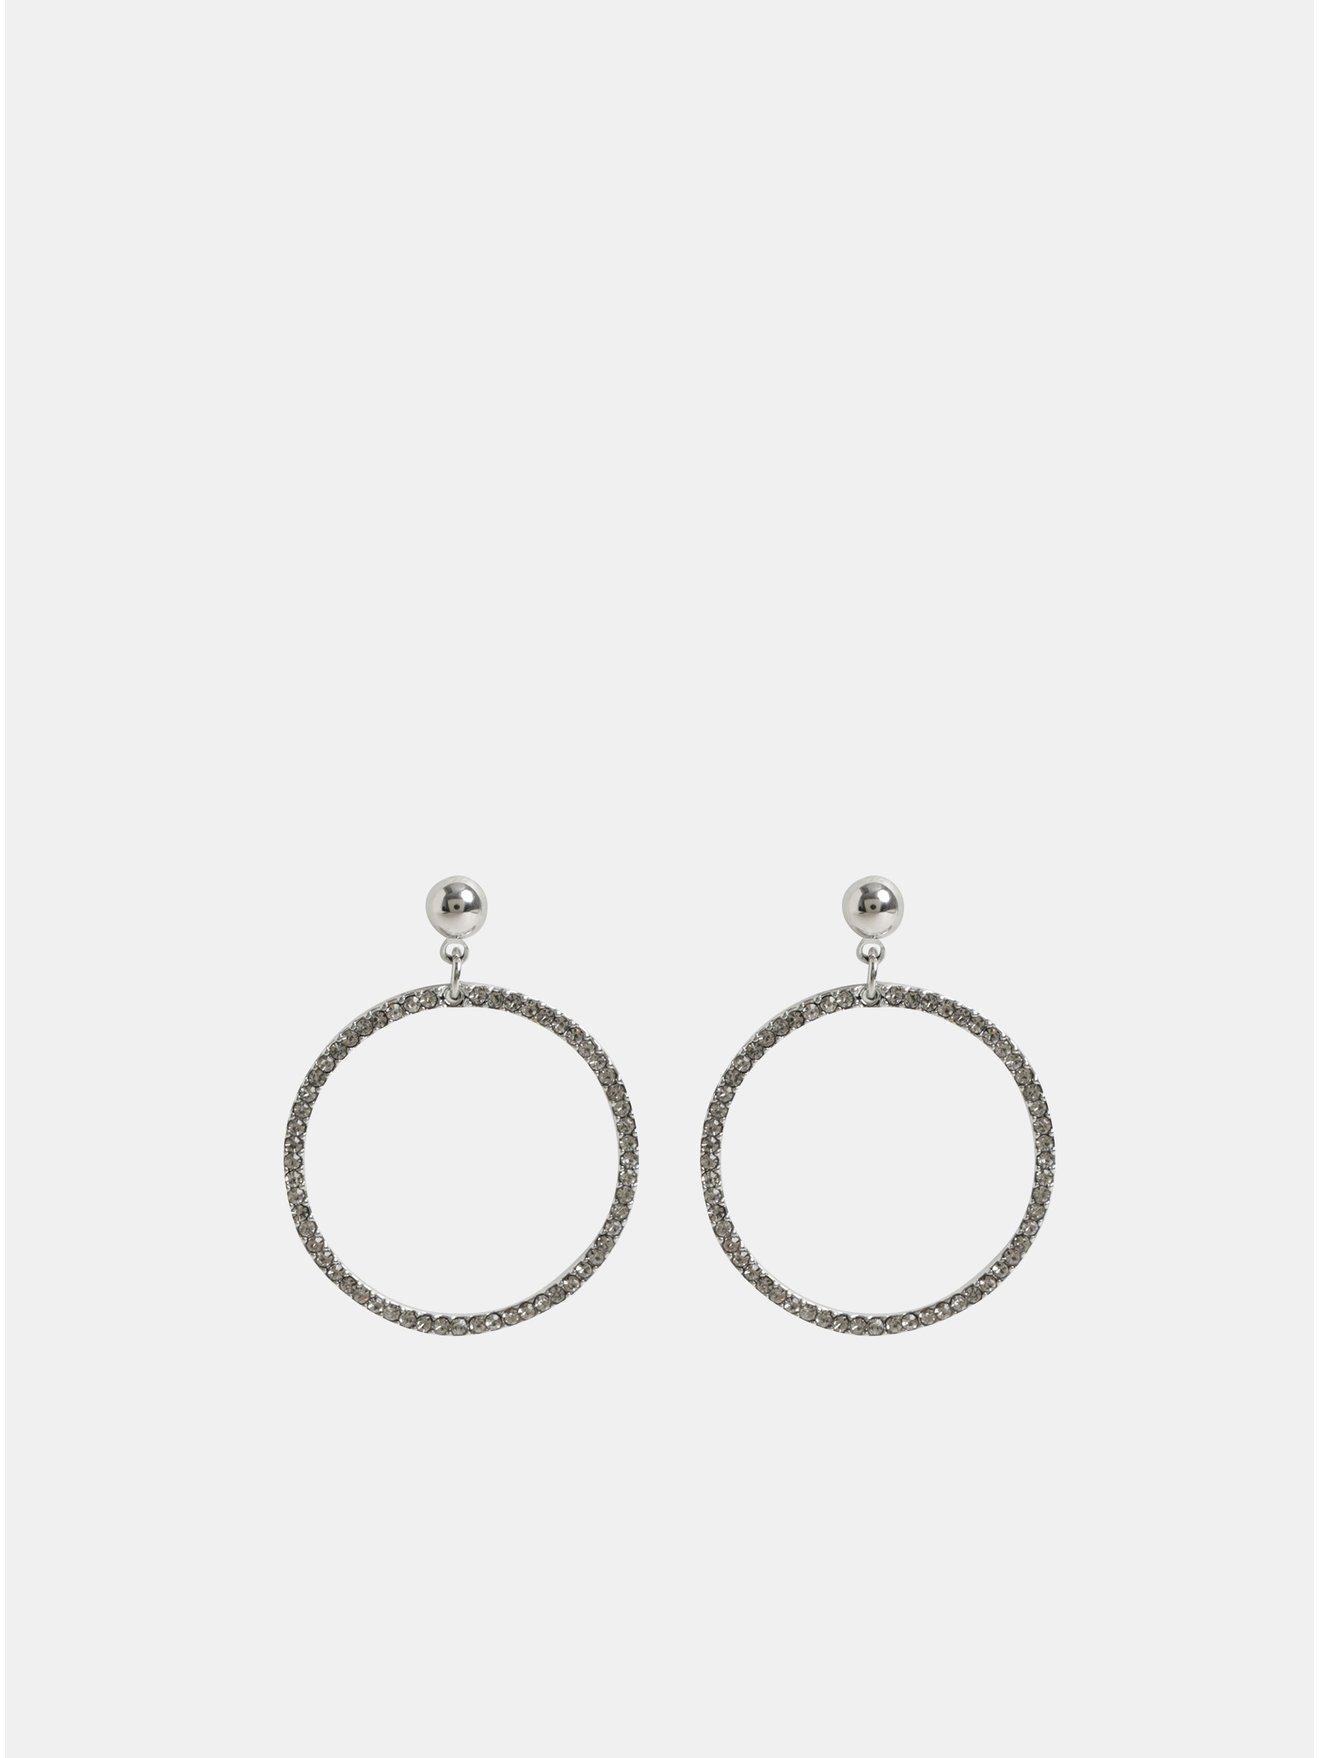 Kruhové visací náušnice ve stříbrné barvě s kamínky Pieces Lexi